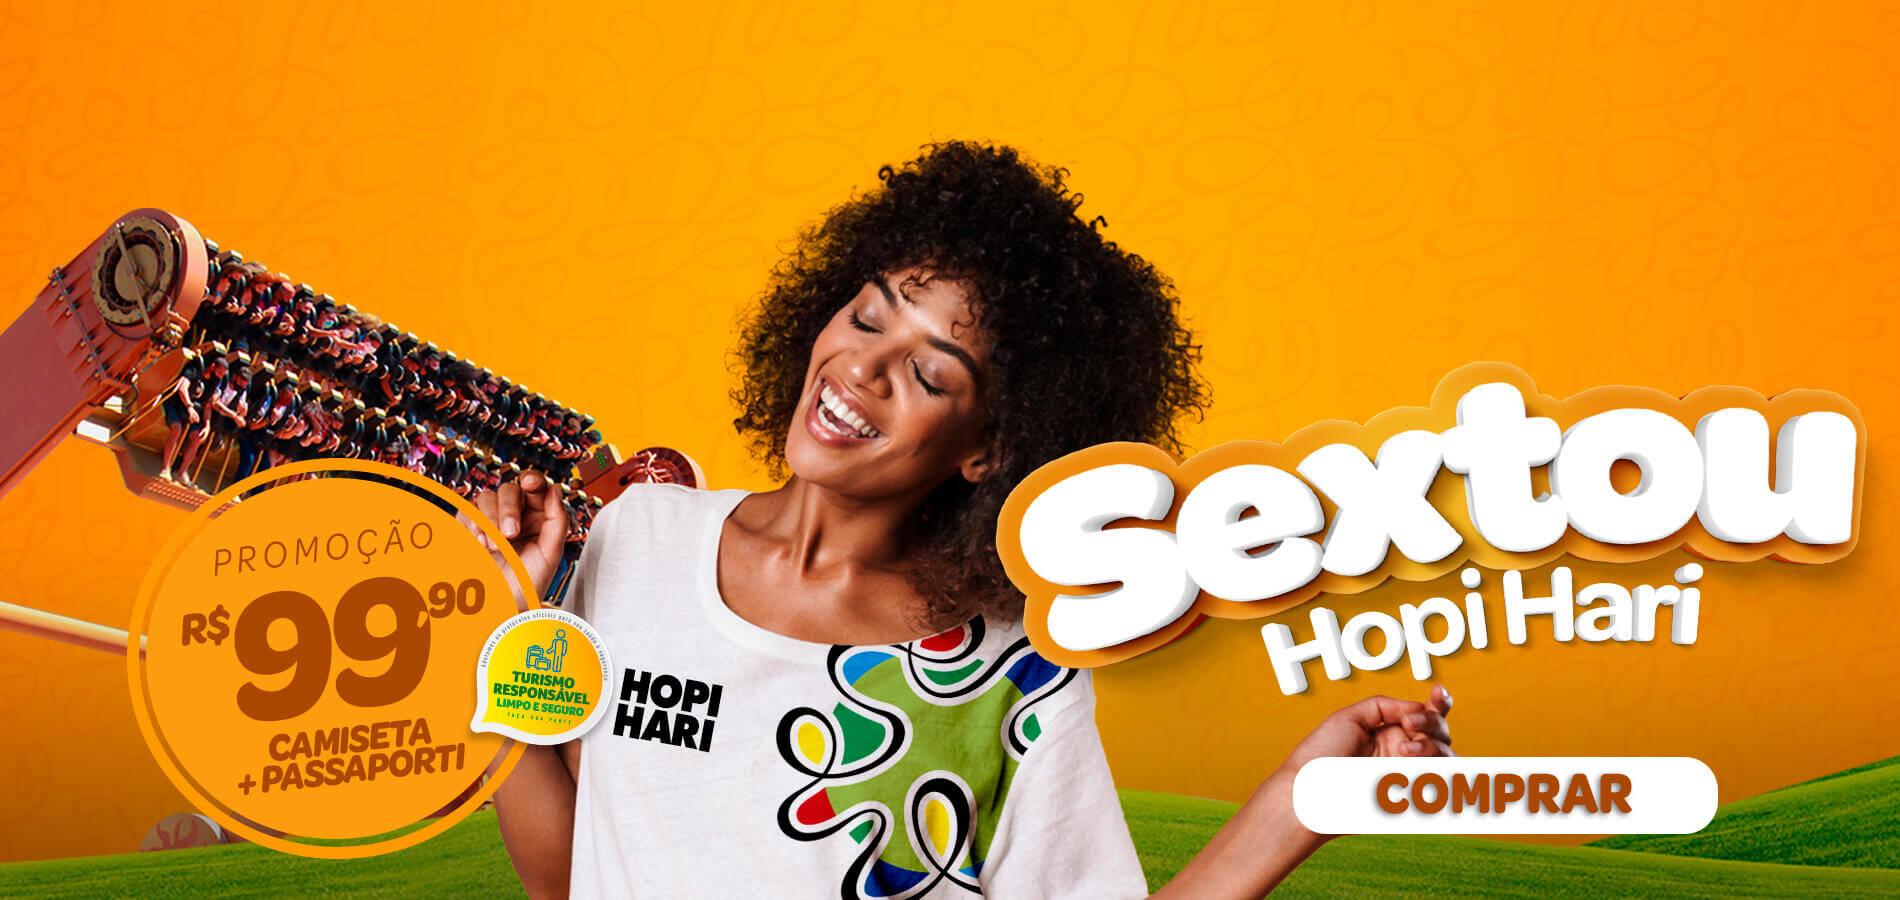 Banner Combo Sextou